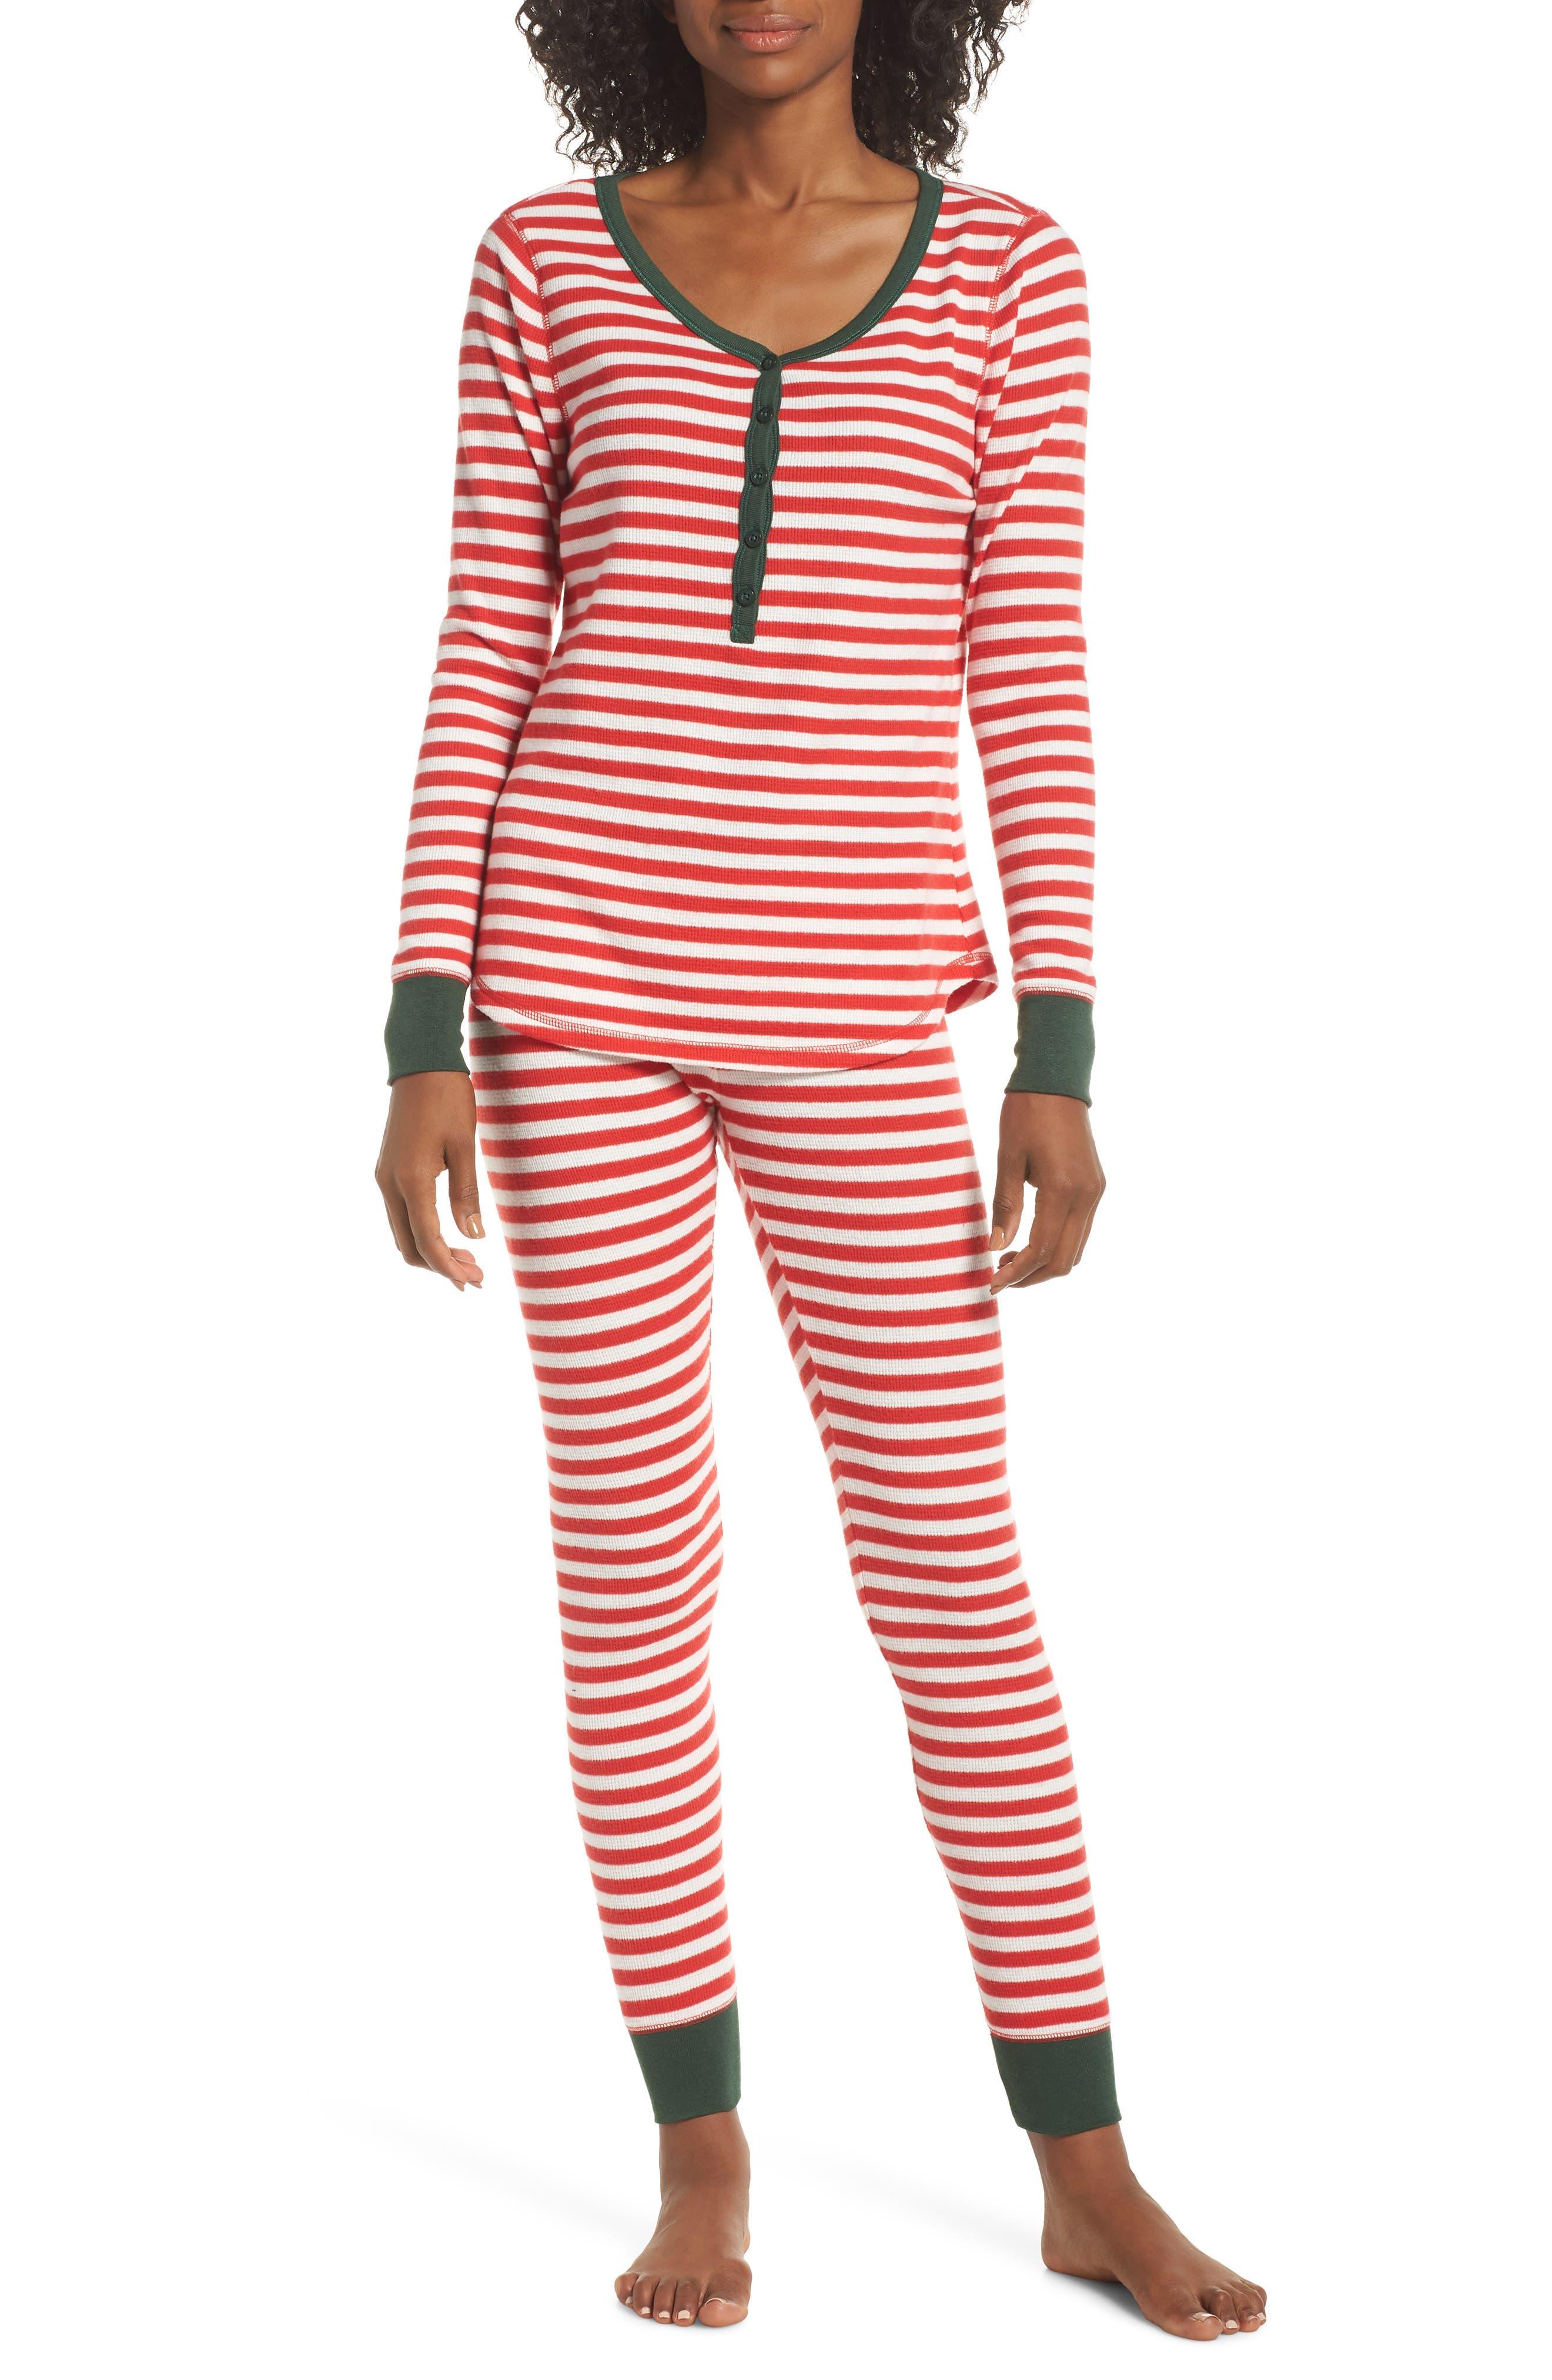 Nordstrom Lingerie Sleepyhead Thermal Pajamas, Red